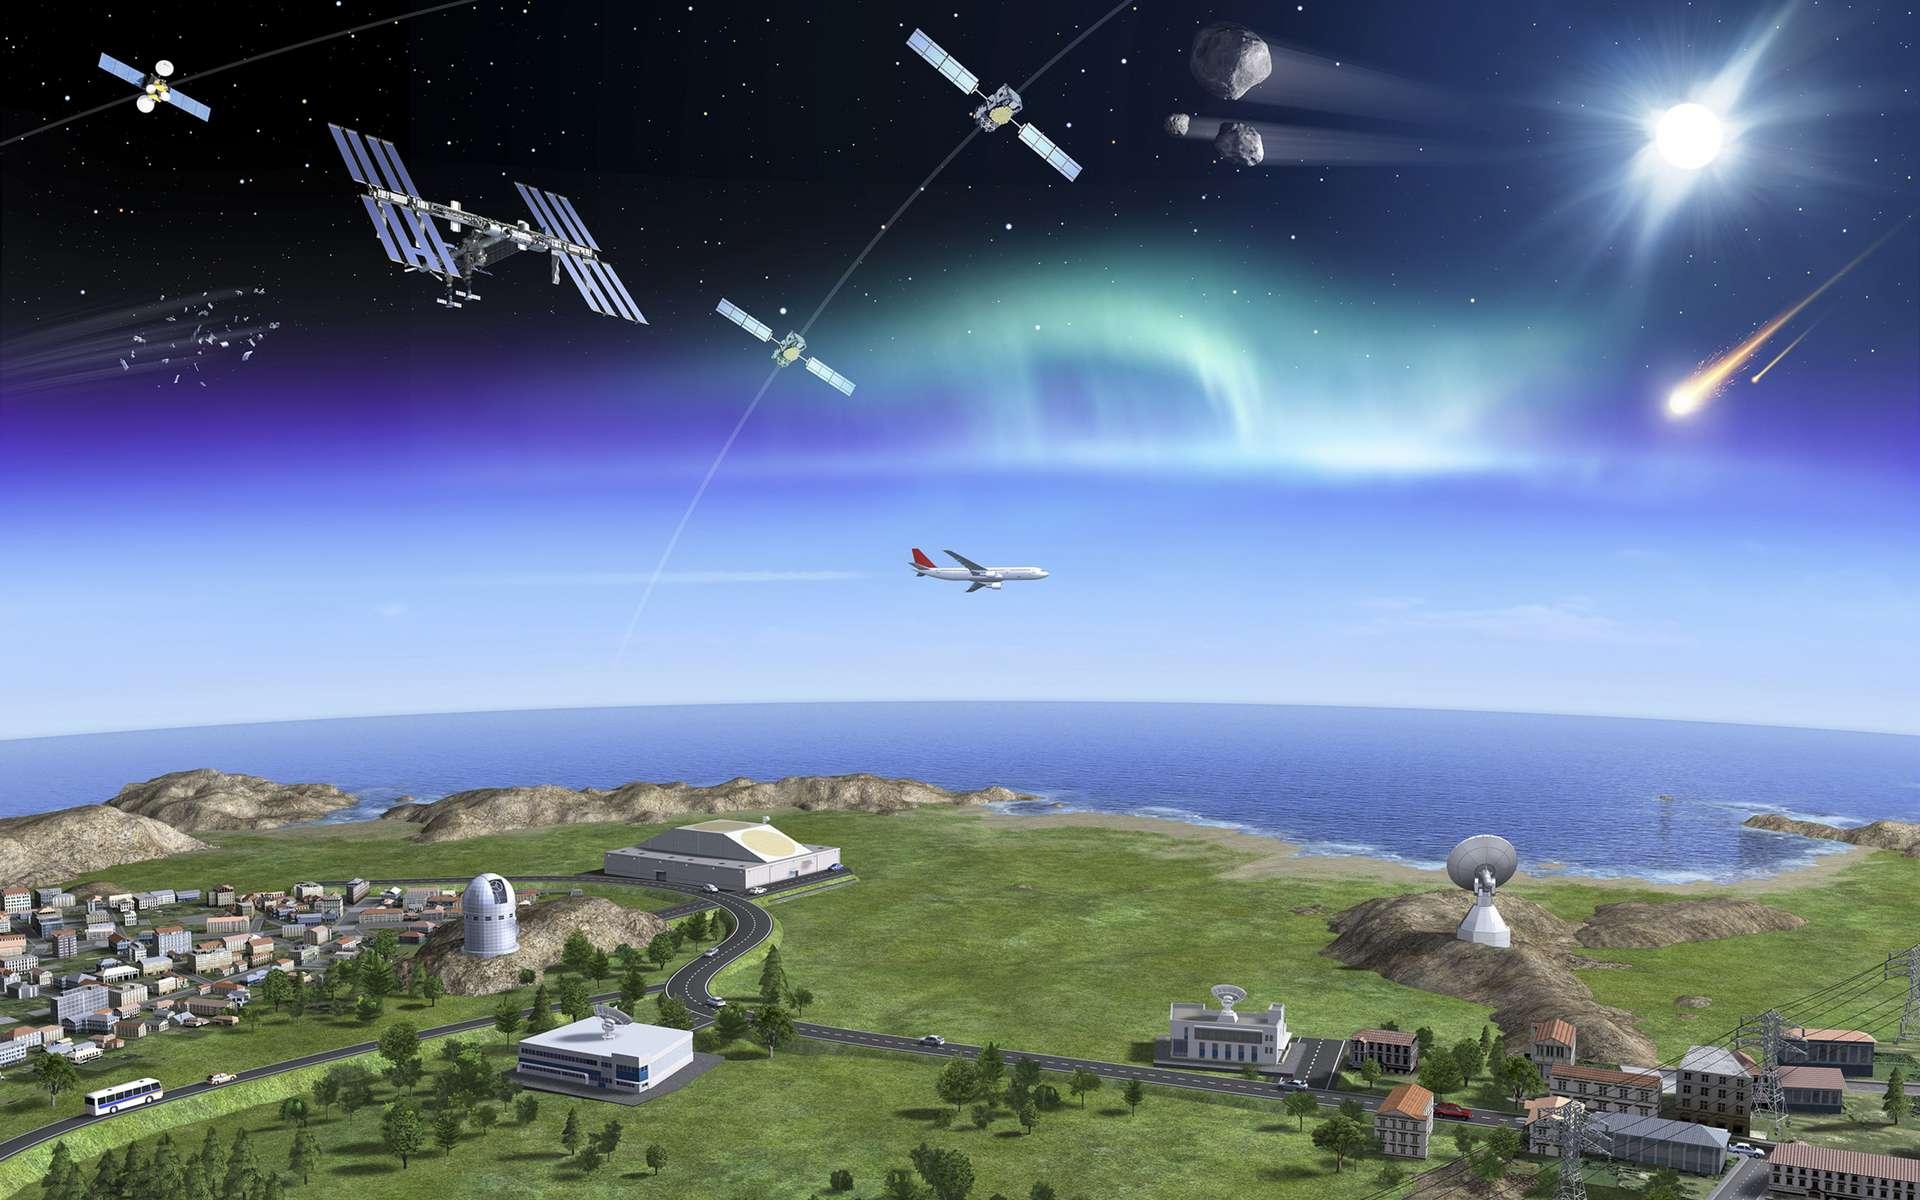 La surveillance de l'ESA s'appuie sur des radars et des télescopes. Les radars sont très efficaces pour caractériser les objets artificiels en orbite basse, de 250 à 1.000 kilomètres d'altitude. Au-delà, et jusqu'à 36.000 kilomètres, les télescopes optiques sont mieux adaptés. © P. Carril, ESA